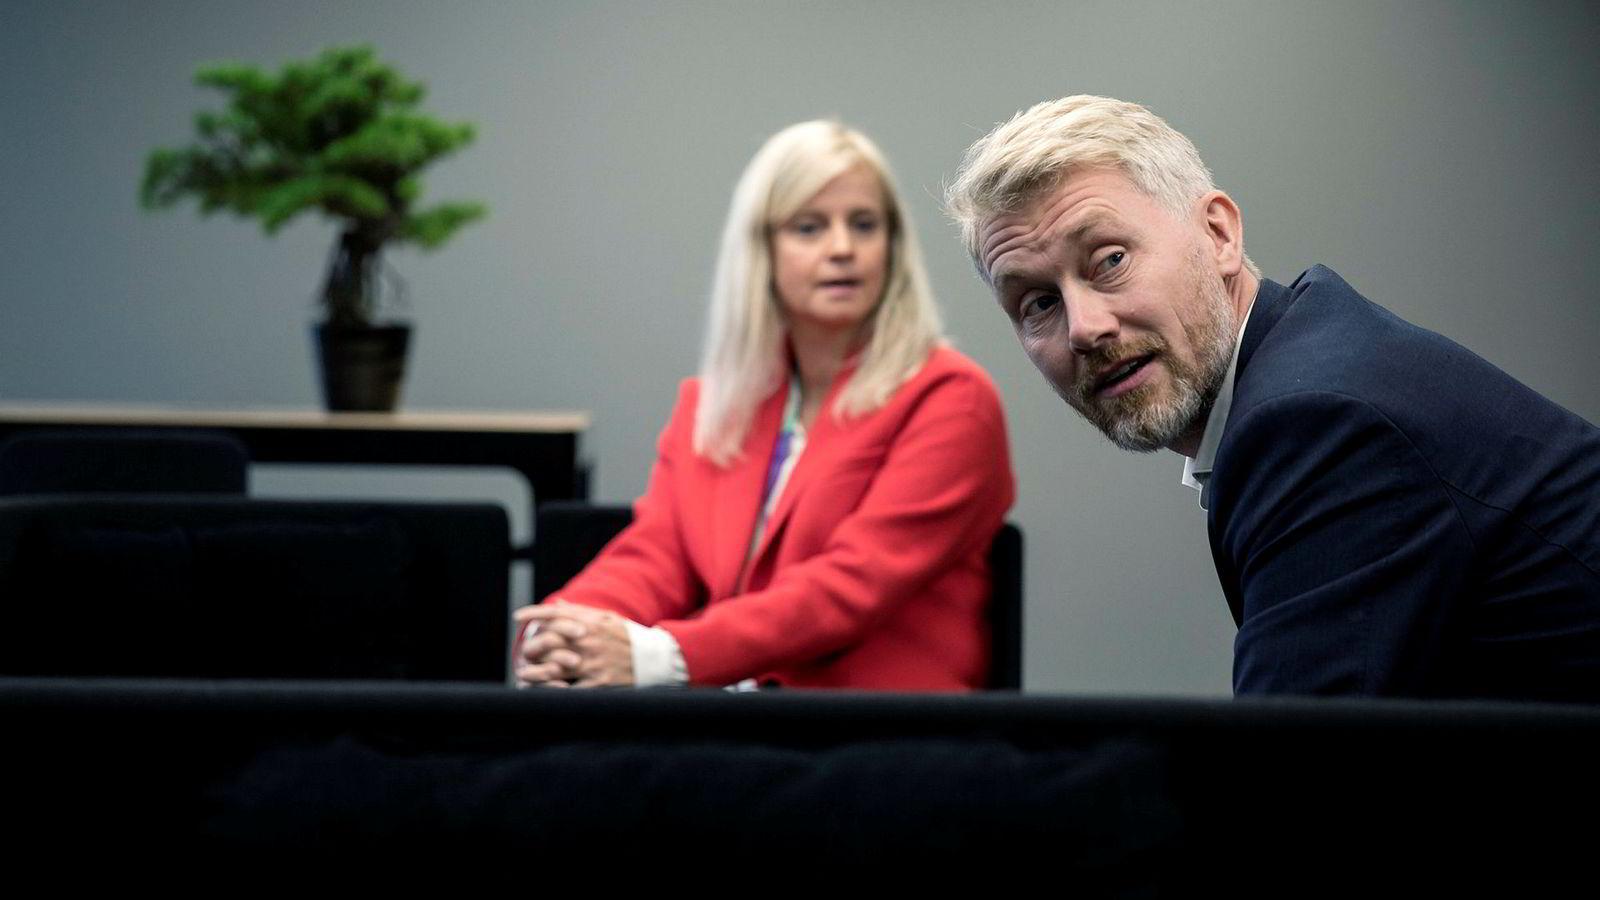 Nyhetsredaktør Karianne Solbrække og TV 2-sjef Olav Sandnes i TV 2 topper PFU-statistikken for 2018.